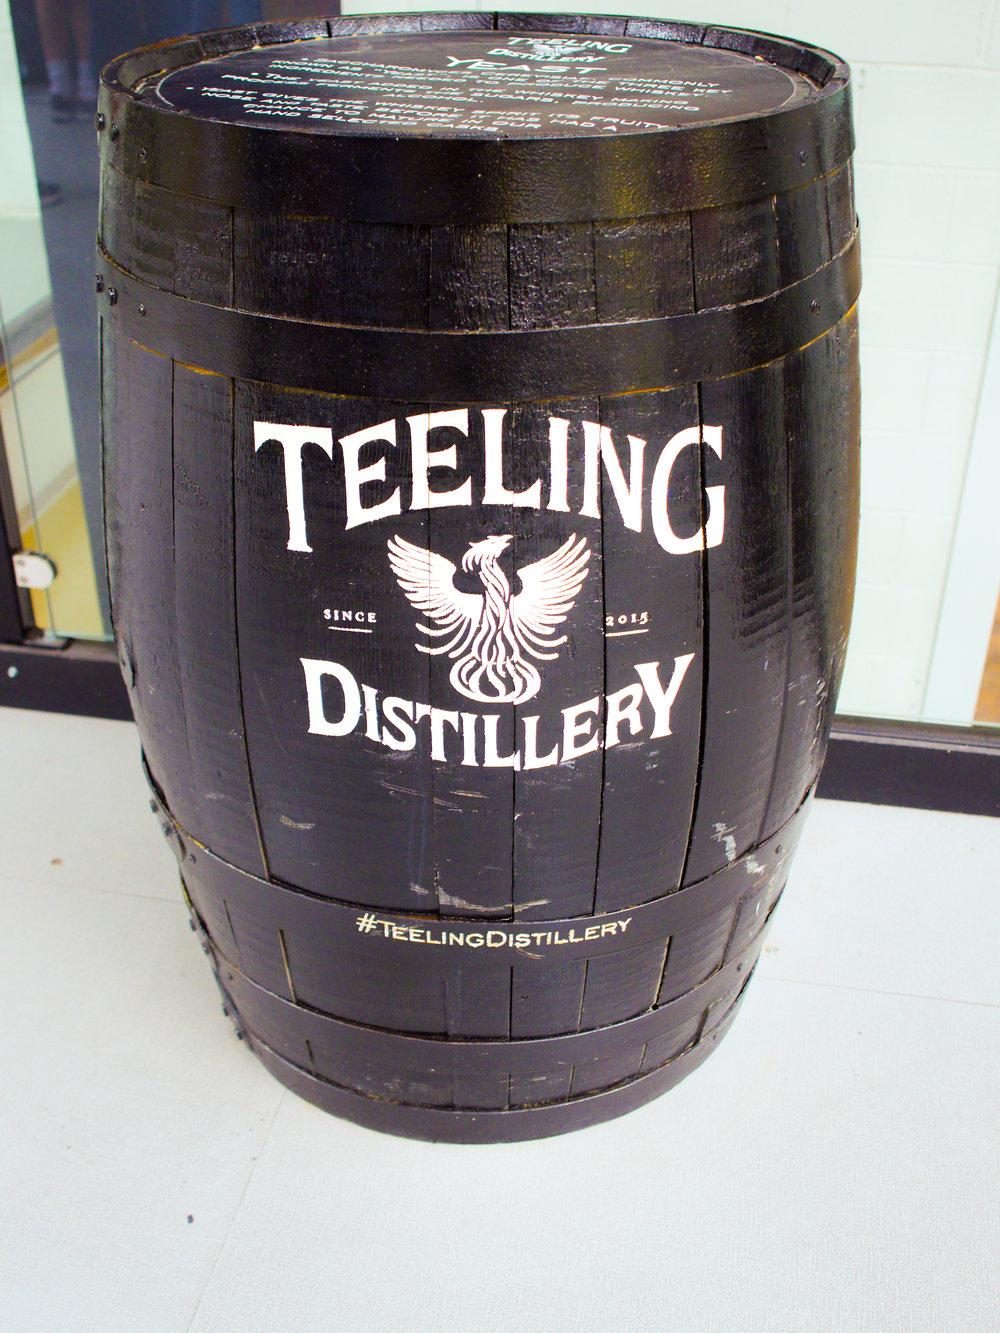 Whiskey barrel at Teeling Distillery in Dublin, Ireland